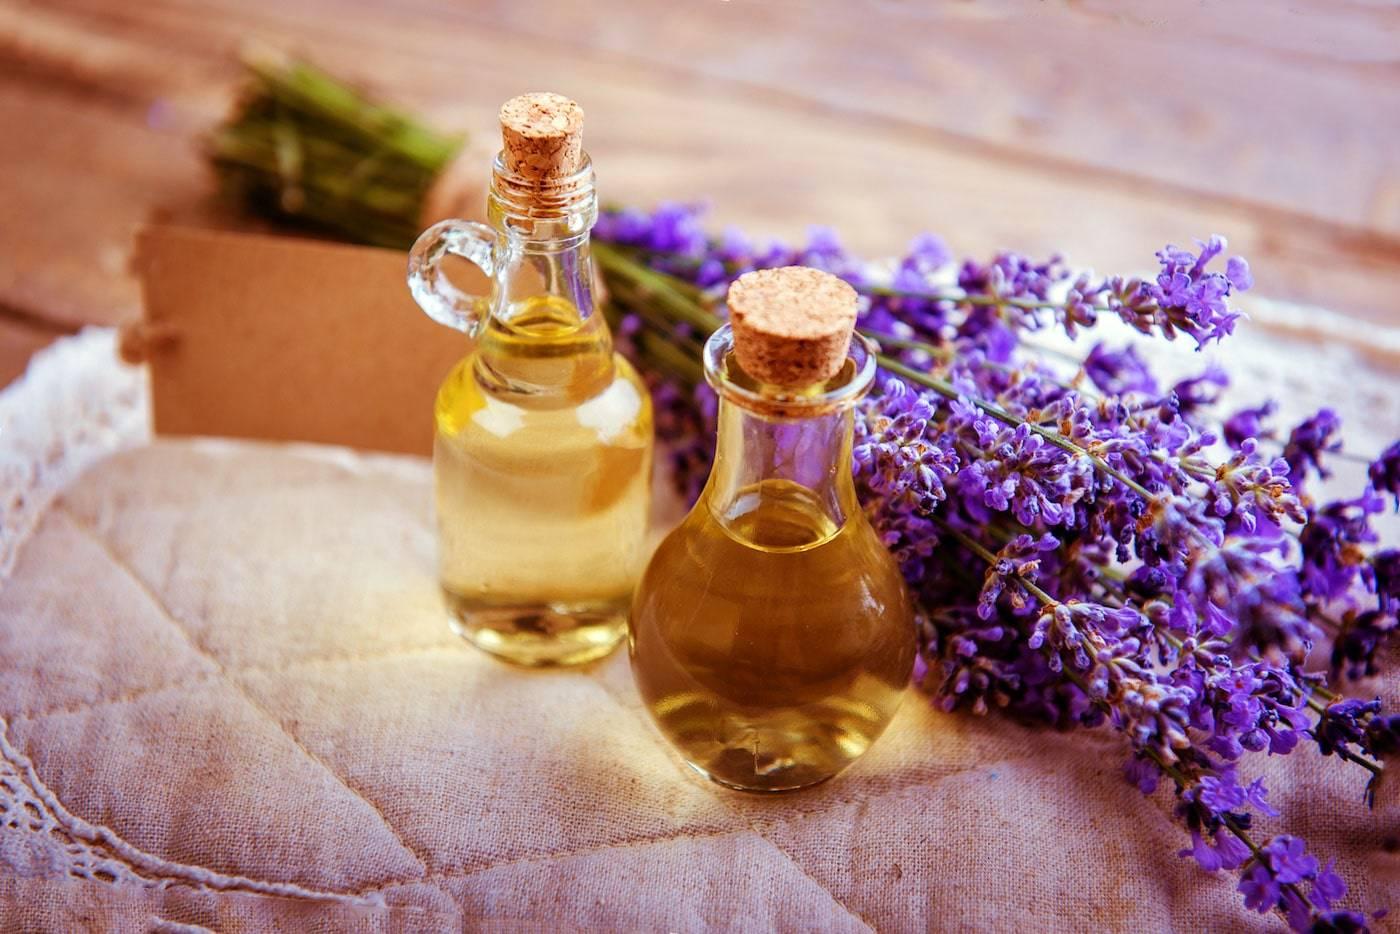 Эфирное масло лаванды: полезные свойства и применение в народной медицине